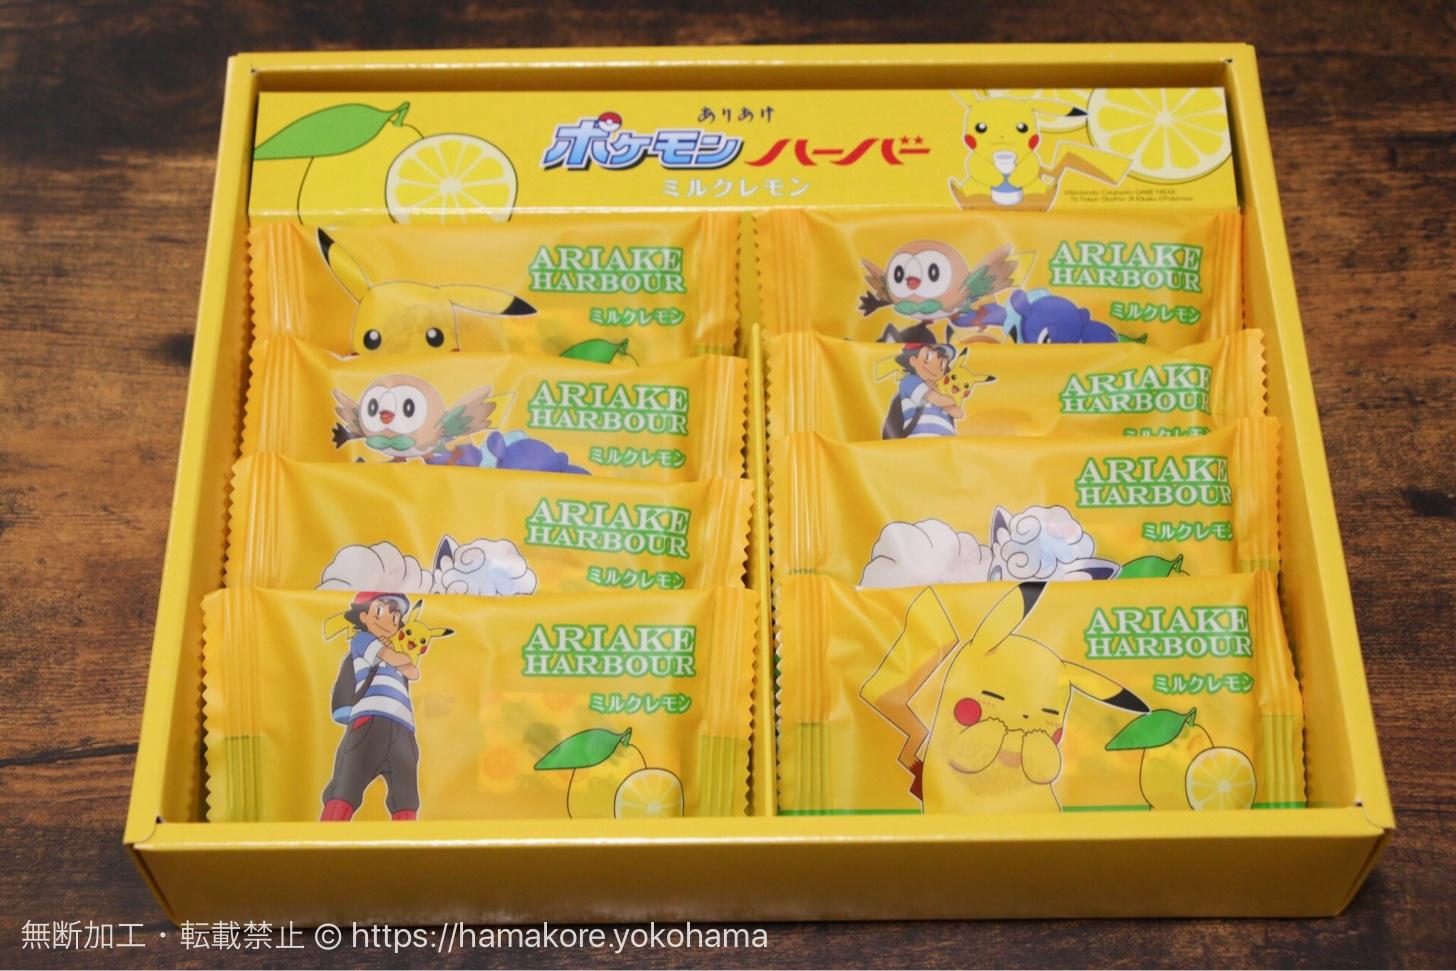 2017年 ポケモンハーバーの新作 ミルクレモン味を購入!横浜みやげにもおすすめ!